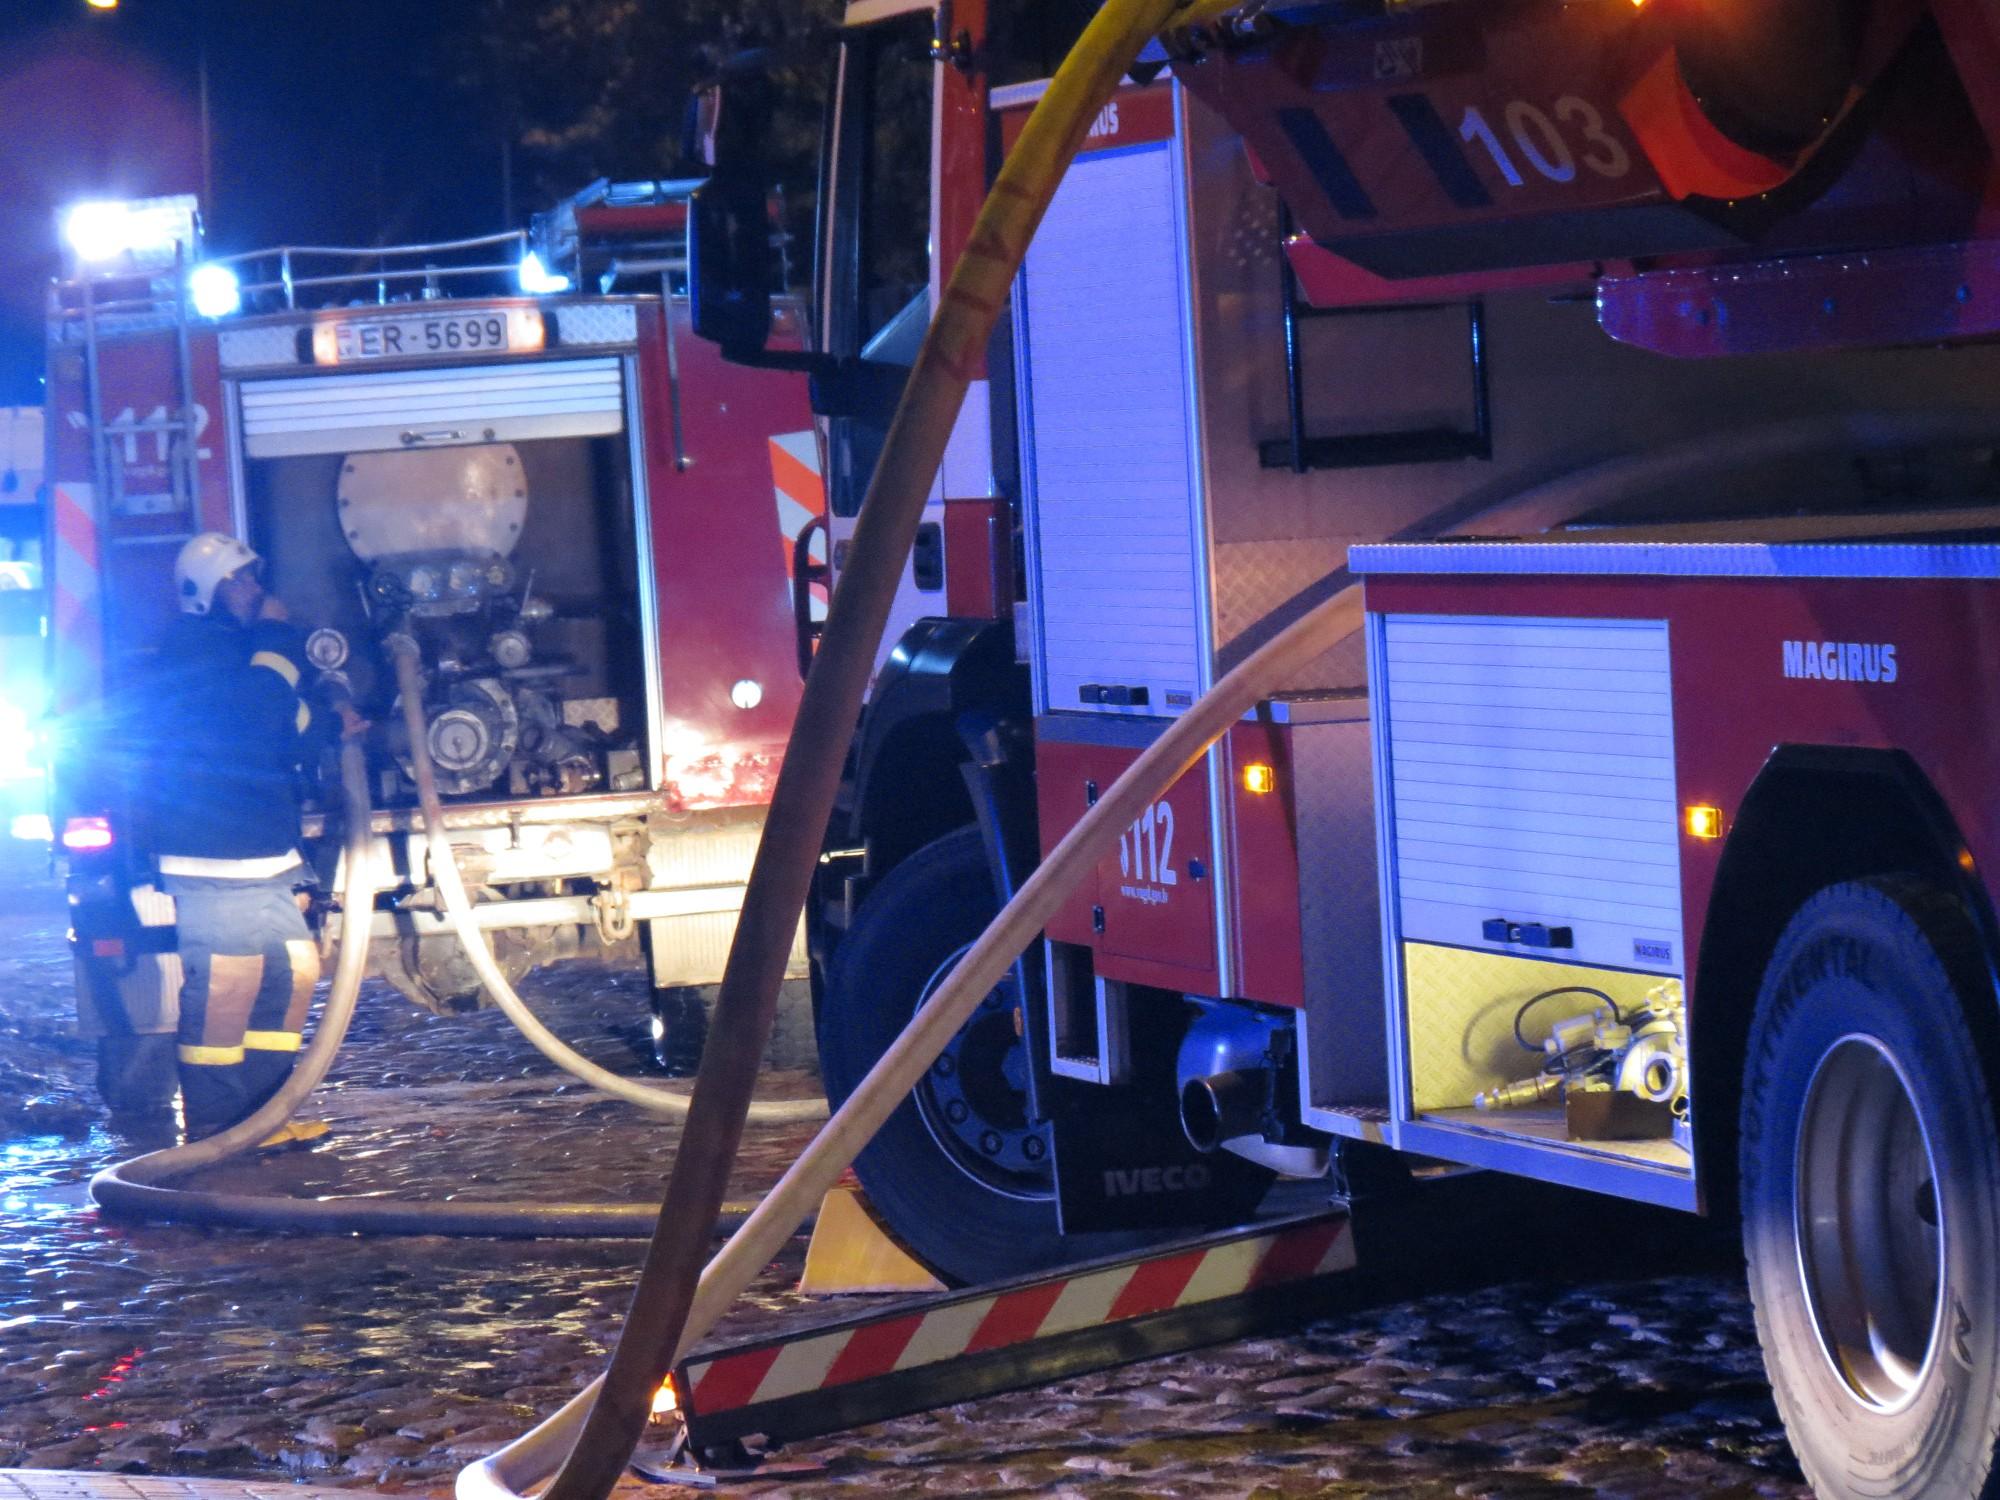 UgunsgrēkāLiepājāveco ļaužu namā cietis cilvēks, 54 evakuēti